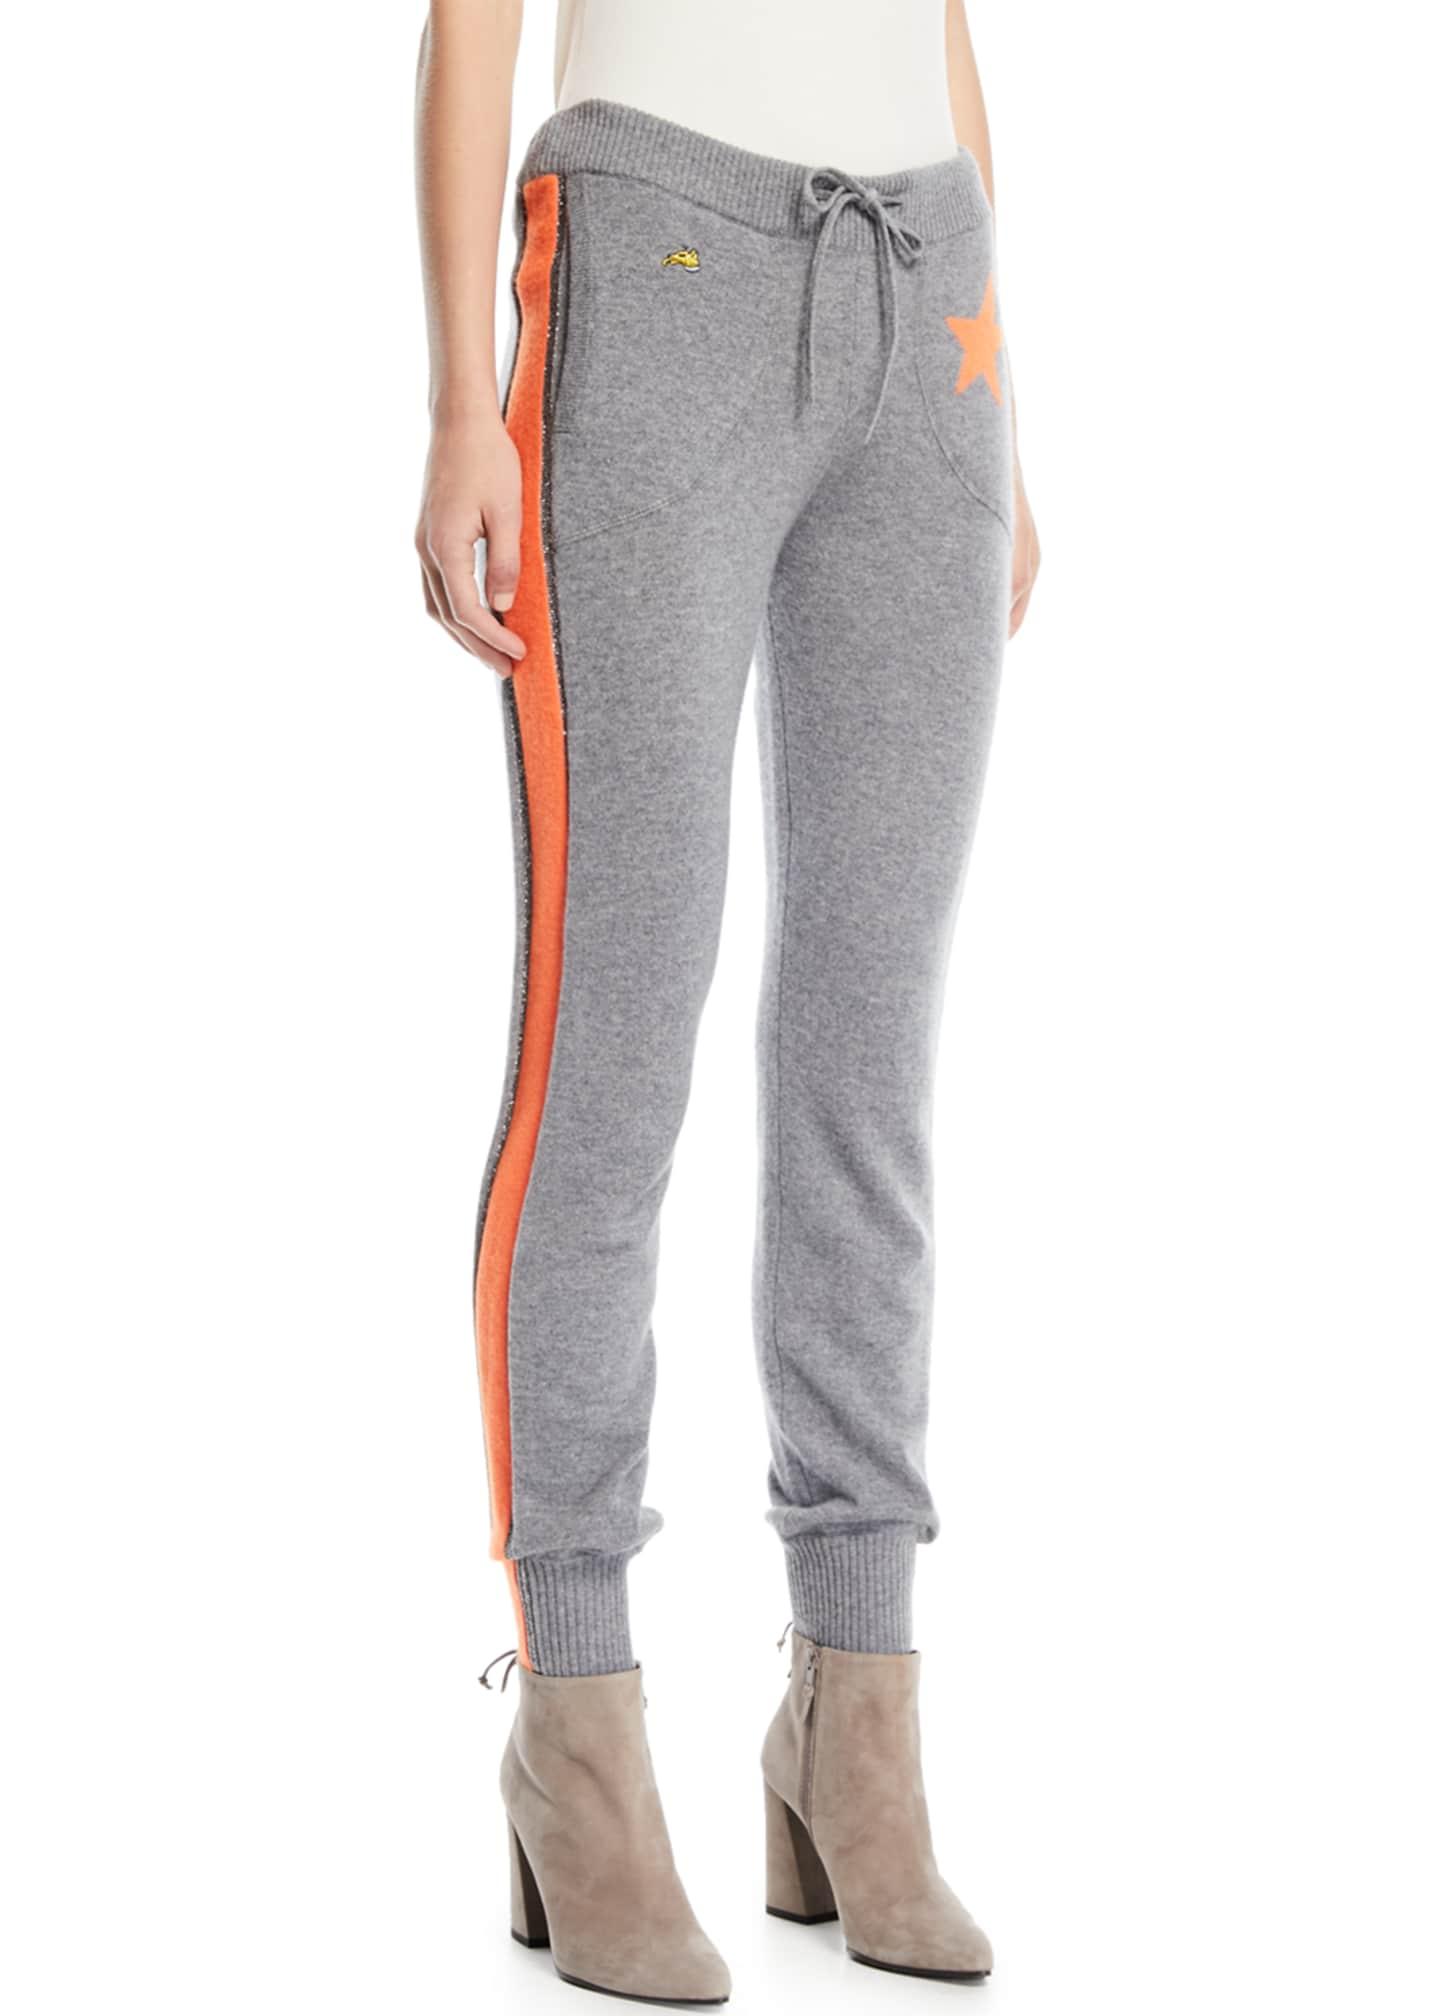 Bella Freud Billie Side-Stripe Cashmere Jogger Track Pants